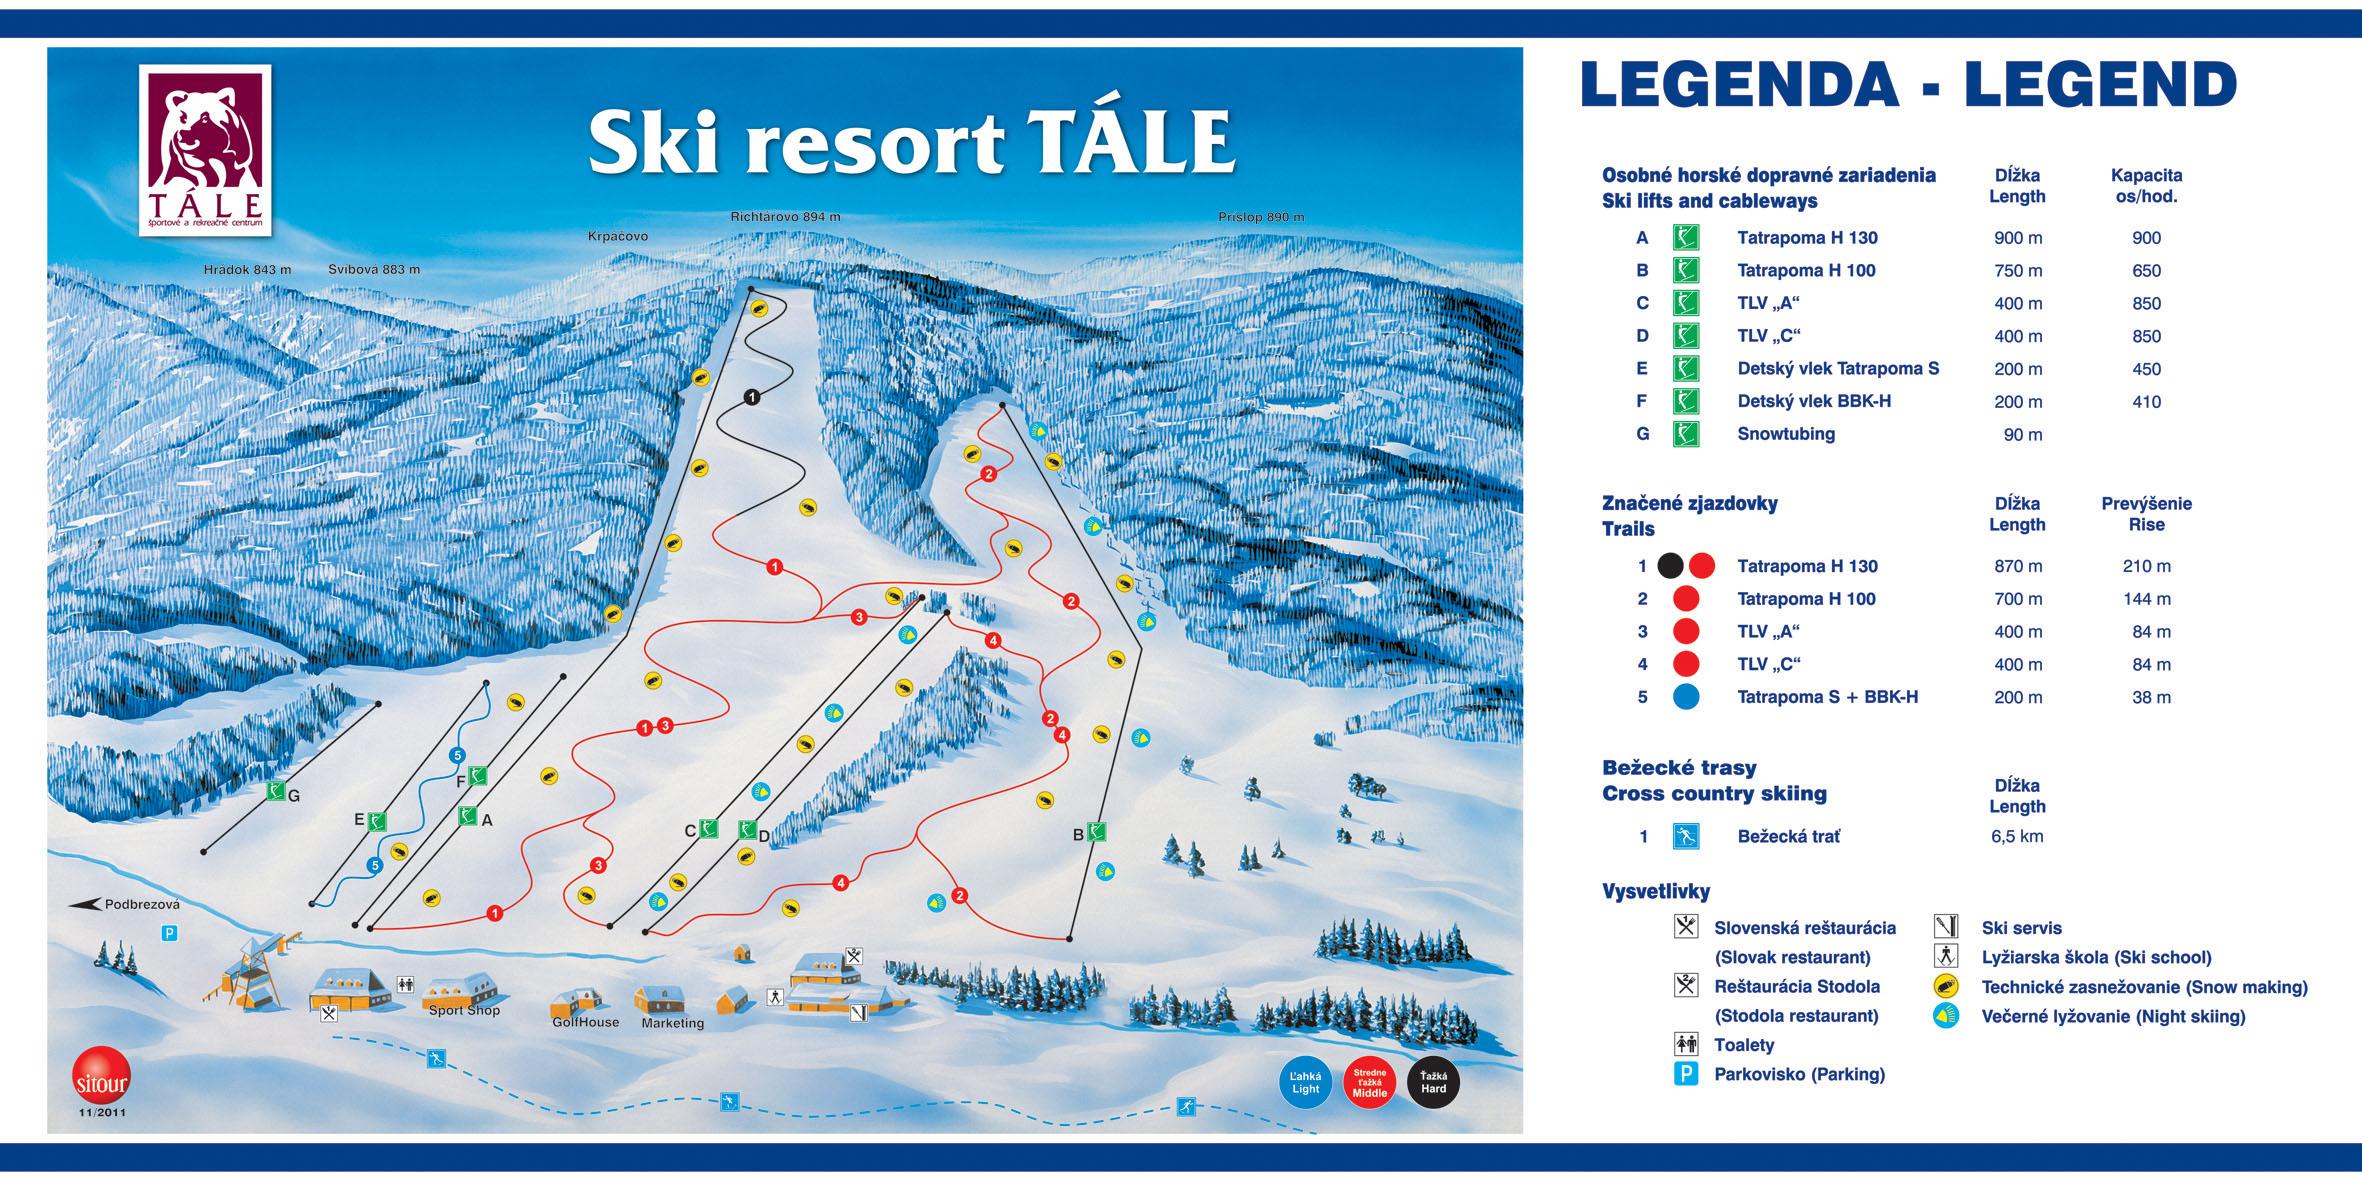 Mapa svahov v stredisku Ski resort Tále